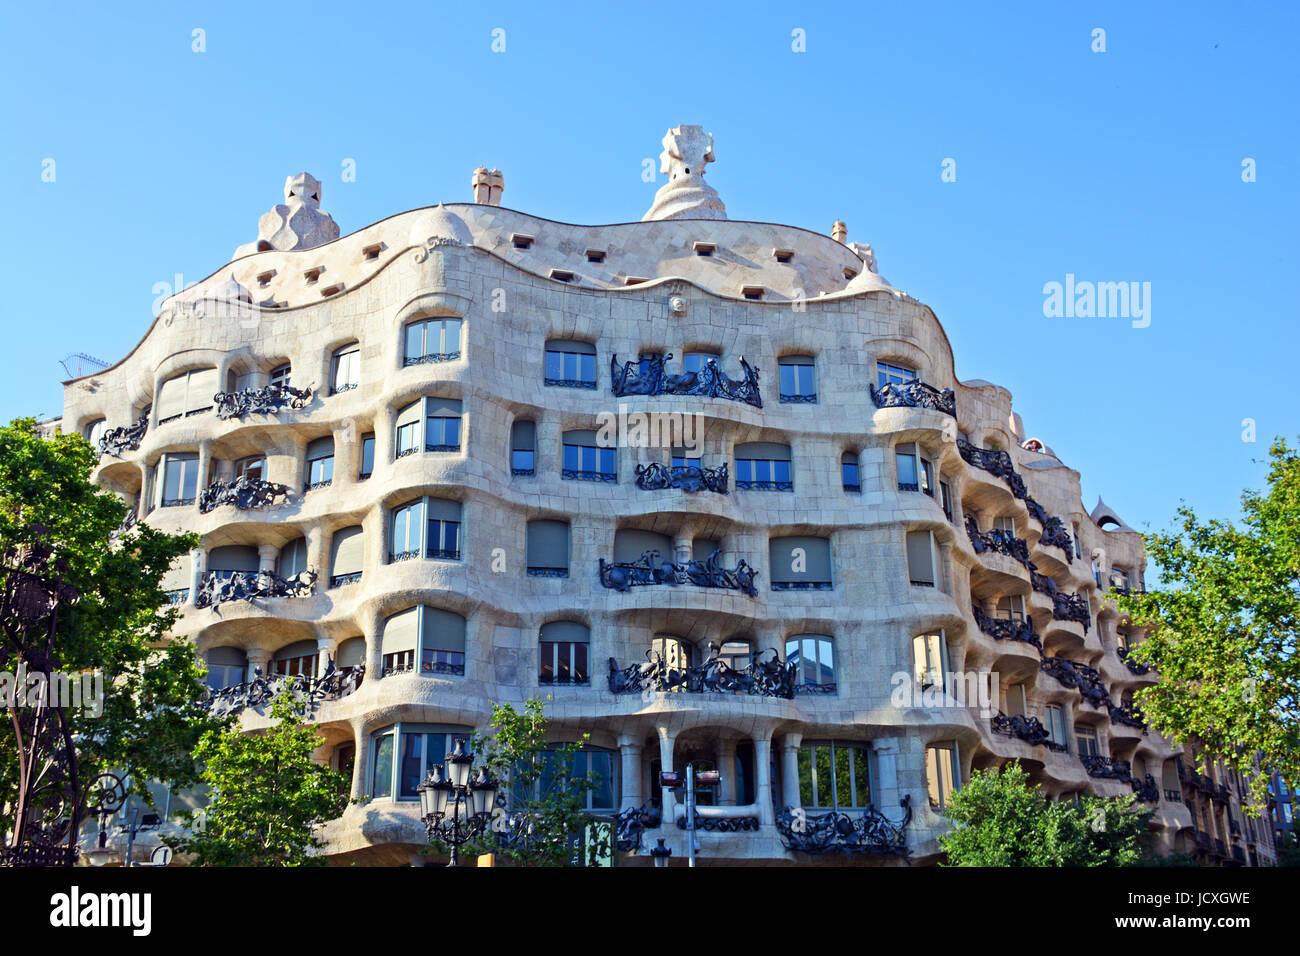 Casa Milà or La Pedrera, Barcelona, Catalonia, Spain - Stock Image